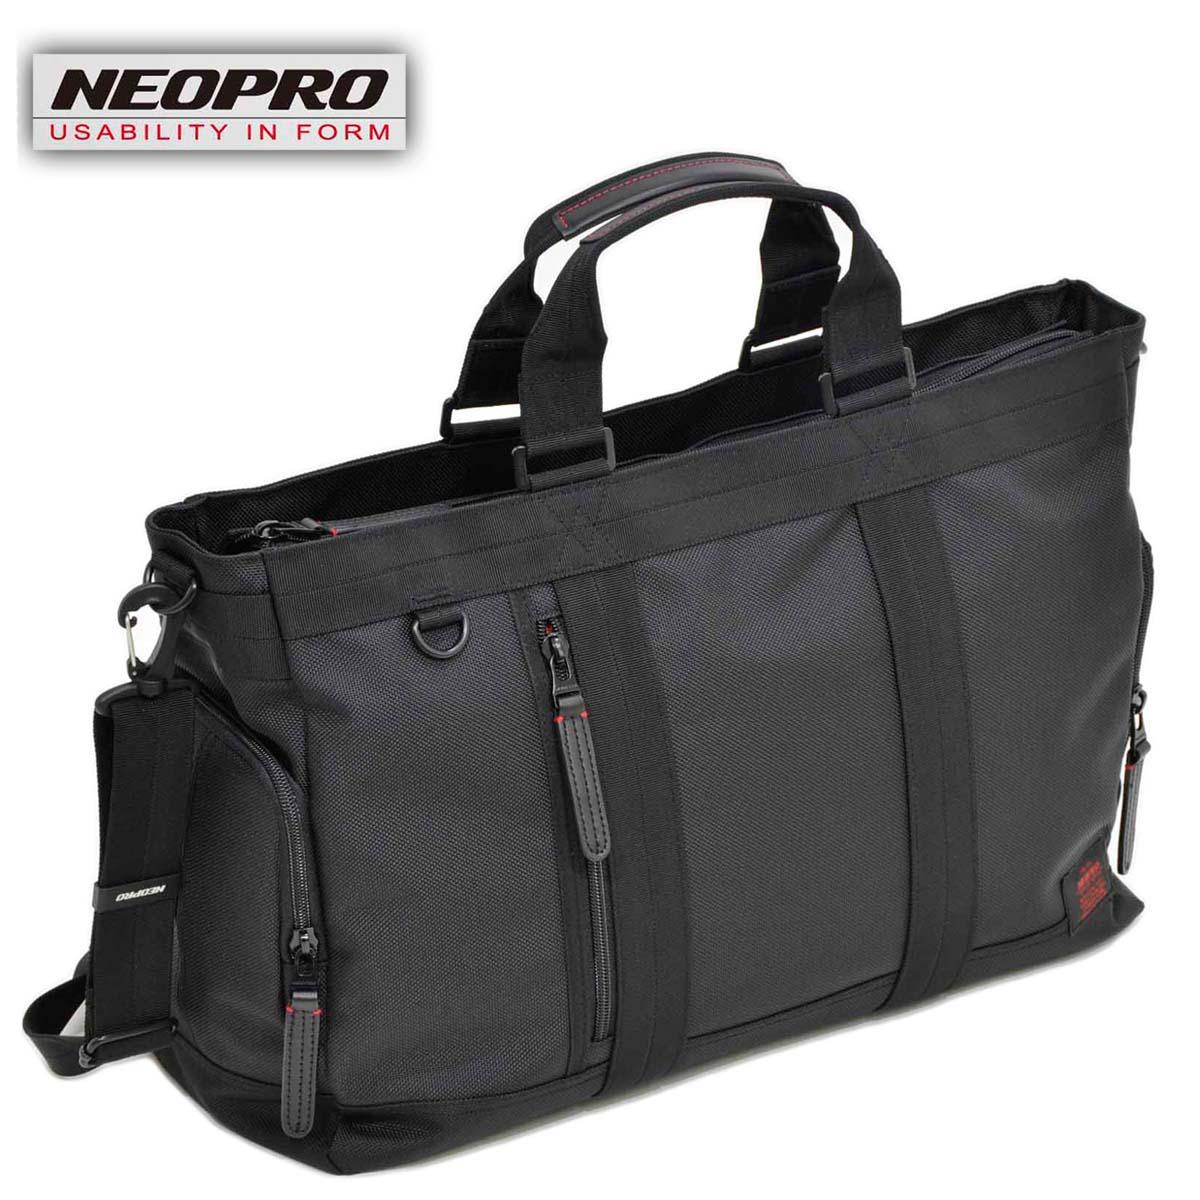 ビジネスバッグ NEOPRO ネオプロ No:2-034 大型 ビジネス ボストン トート メンズ レディース A3 ファイル ノートPC対応 軽量 多機能 通勤 通学 就活 エンドー鞄